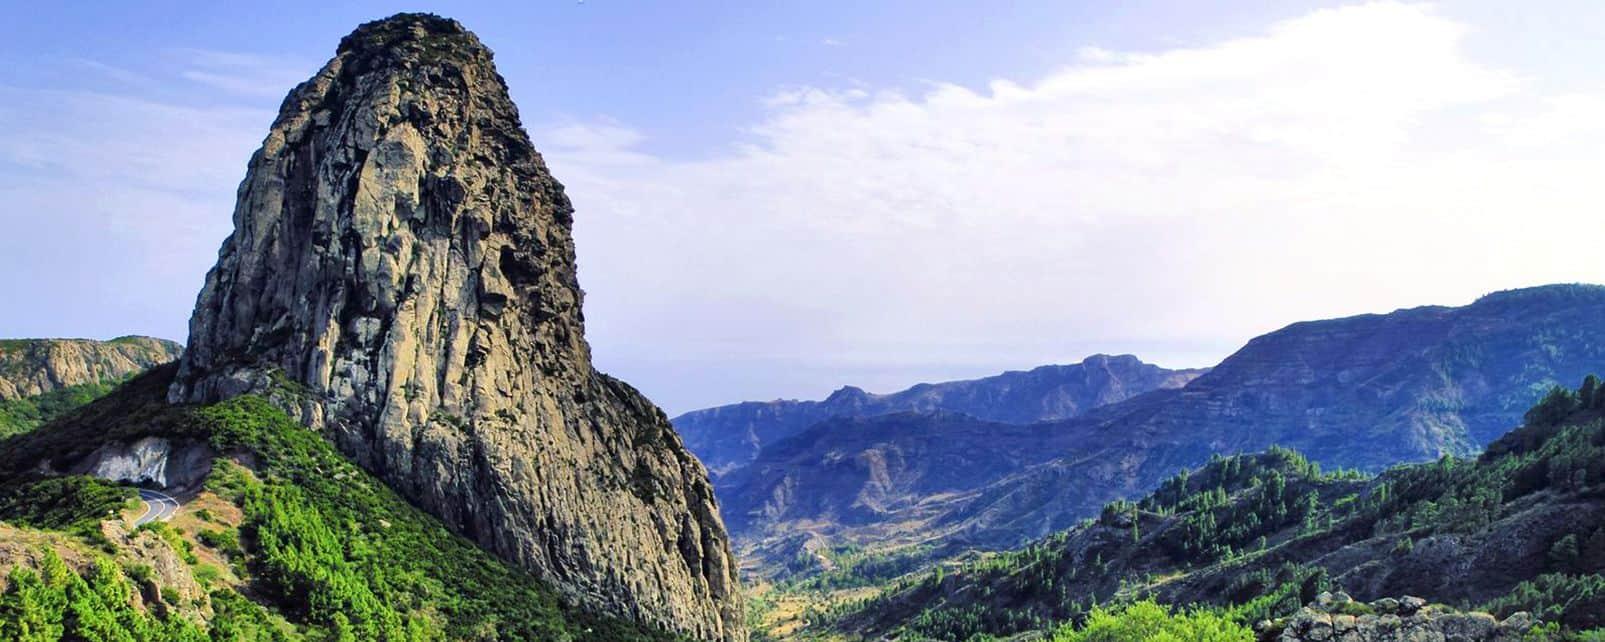 Visitar el Parque Nacional de Garajonay 2